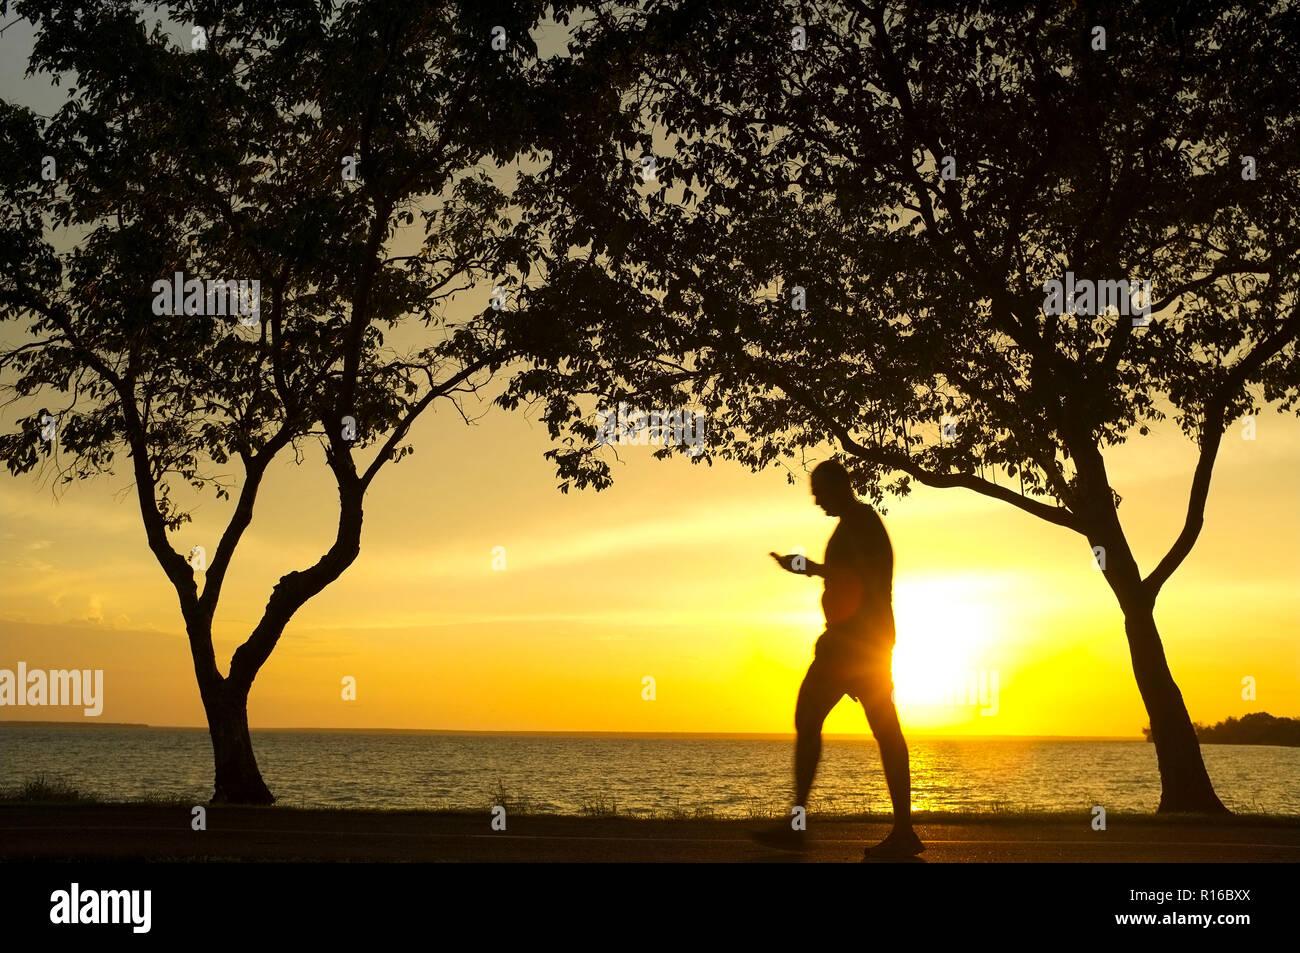 Los árboles y la silueta de un hombre que camina mirando a su teléfono móvil, en contra de un atardecer en la playa . Foto de stock